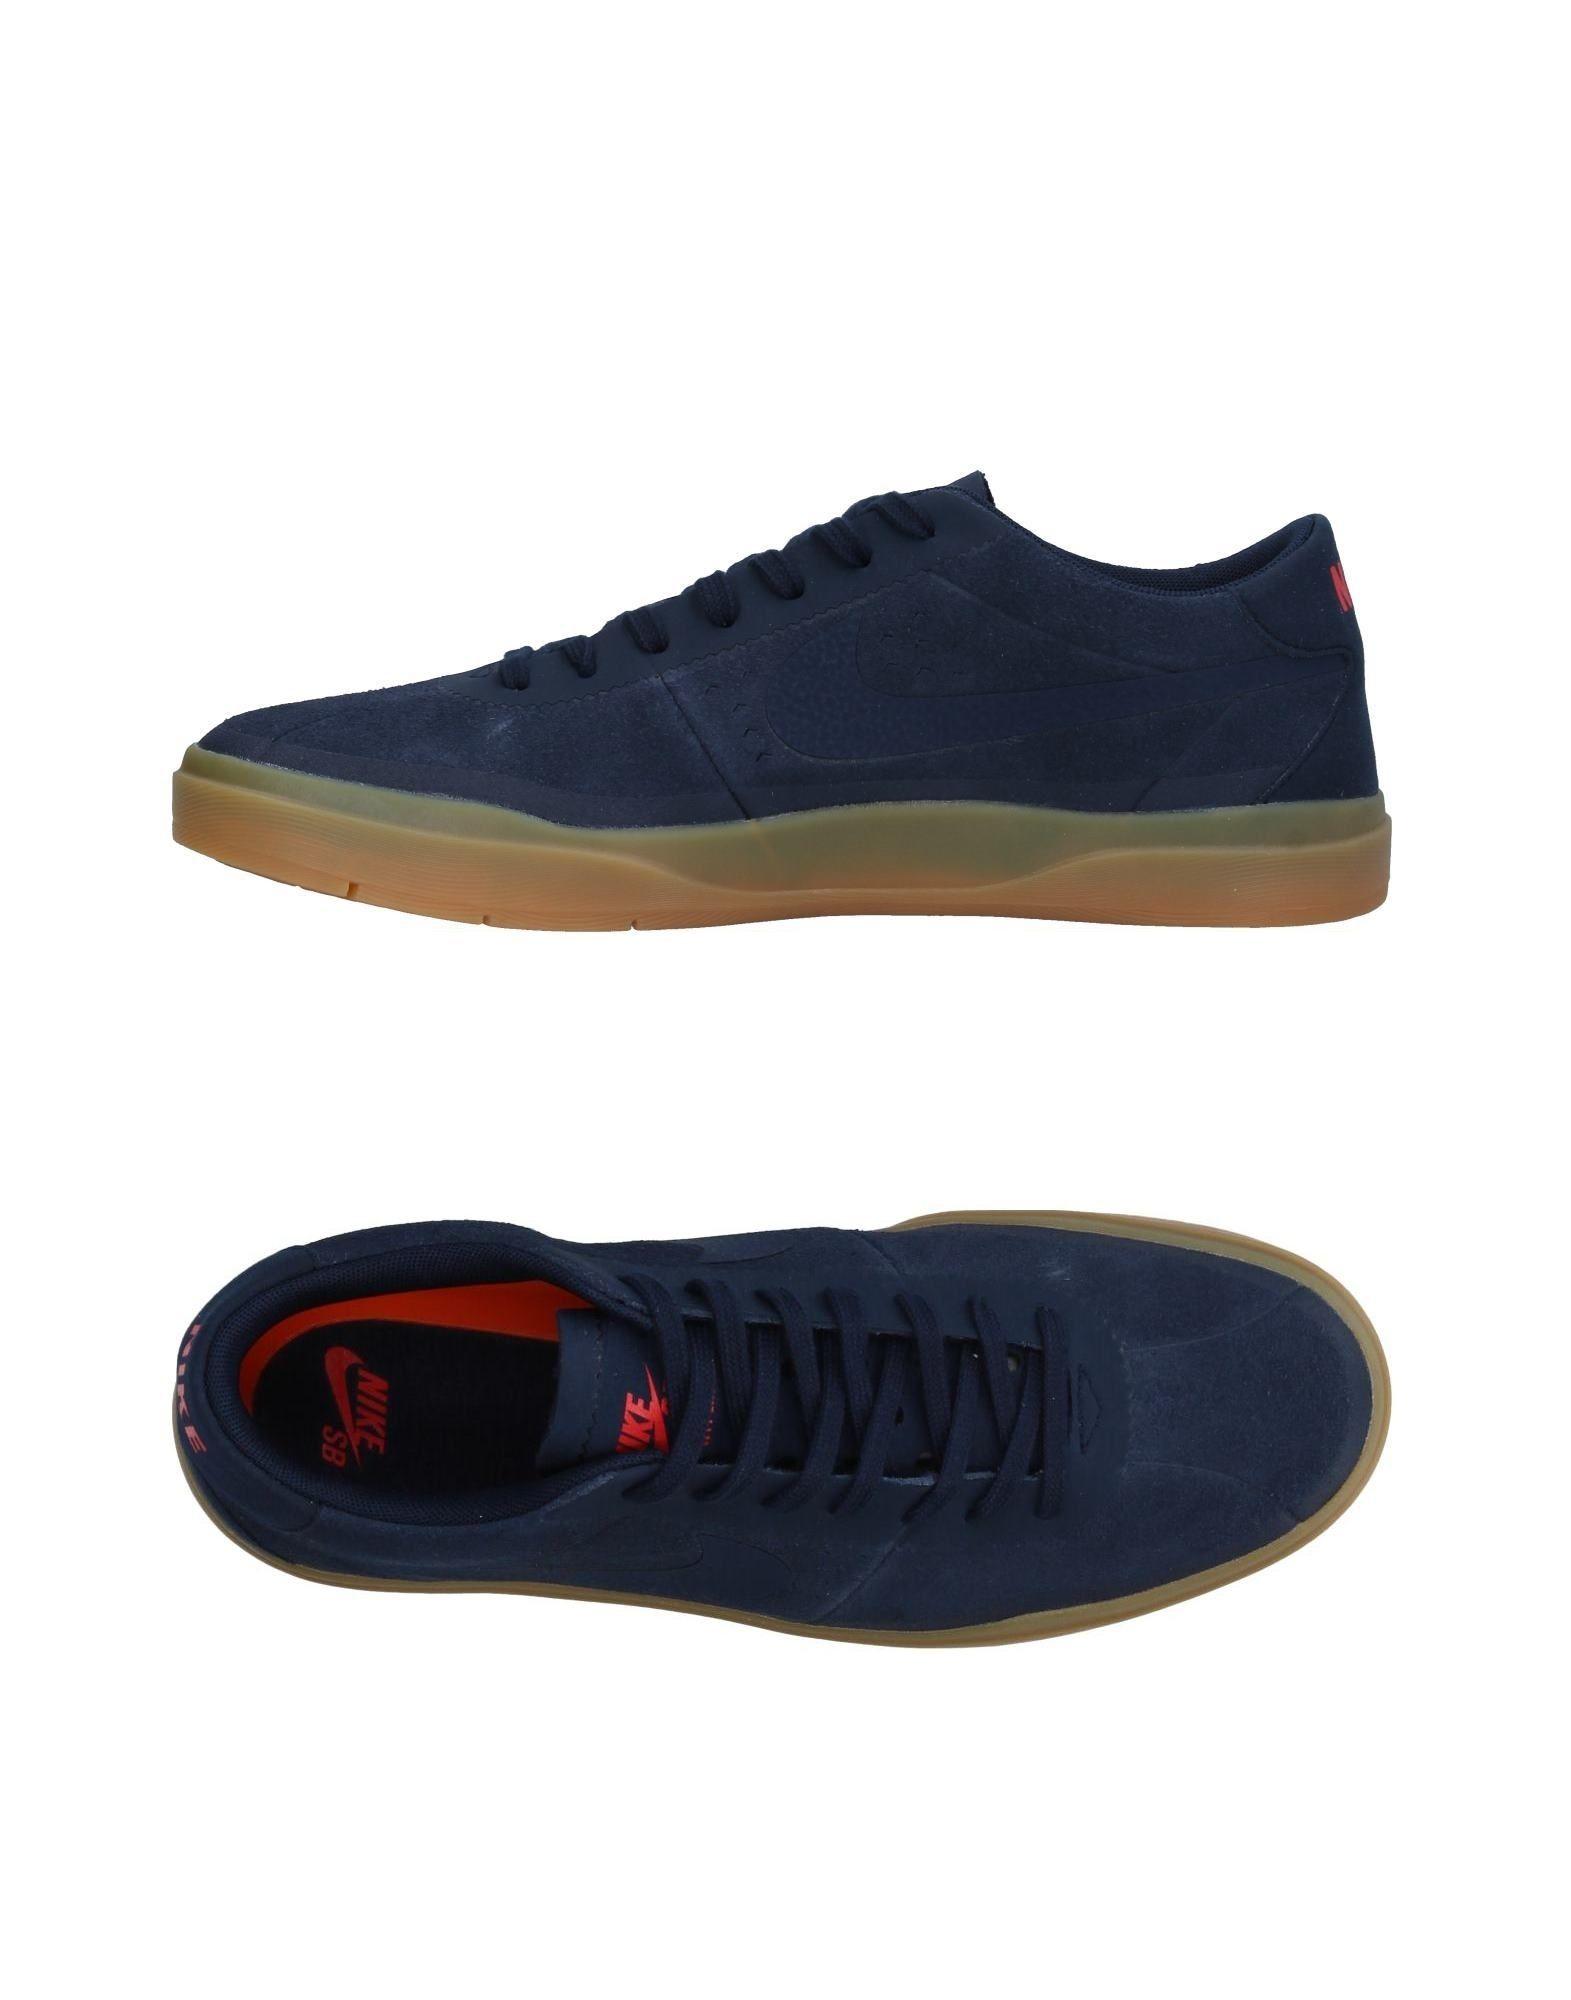 Sneakers Nike Homme - Sneakers Nike  Bleu foncé Dernières chaussures discount pour hommes et femmes